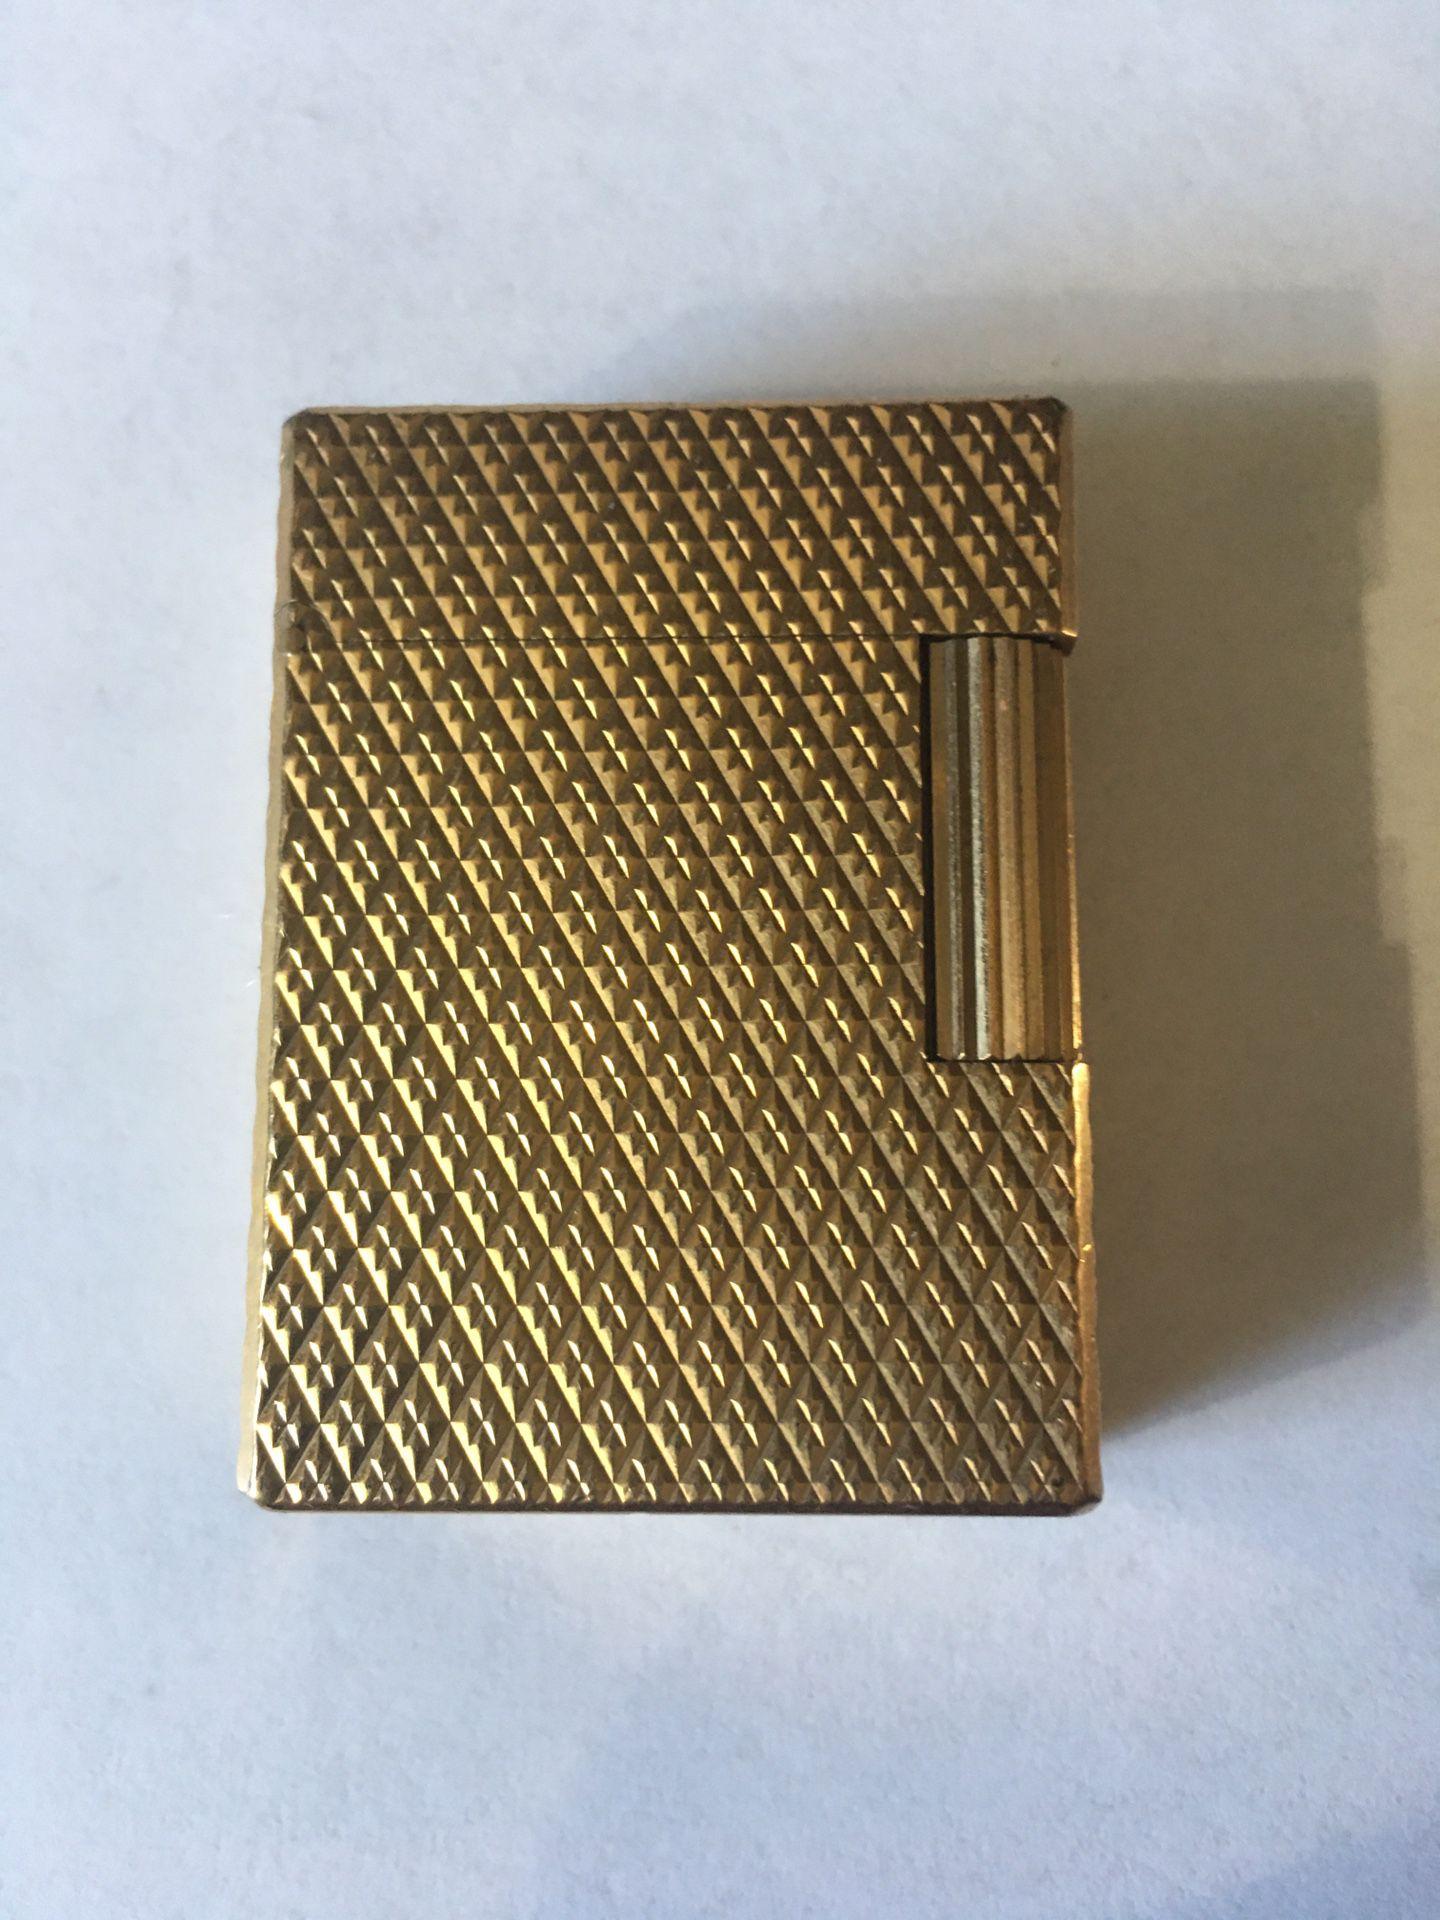 Vintage S.T.Dupont lighter